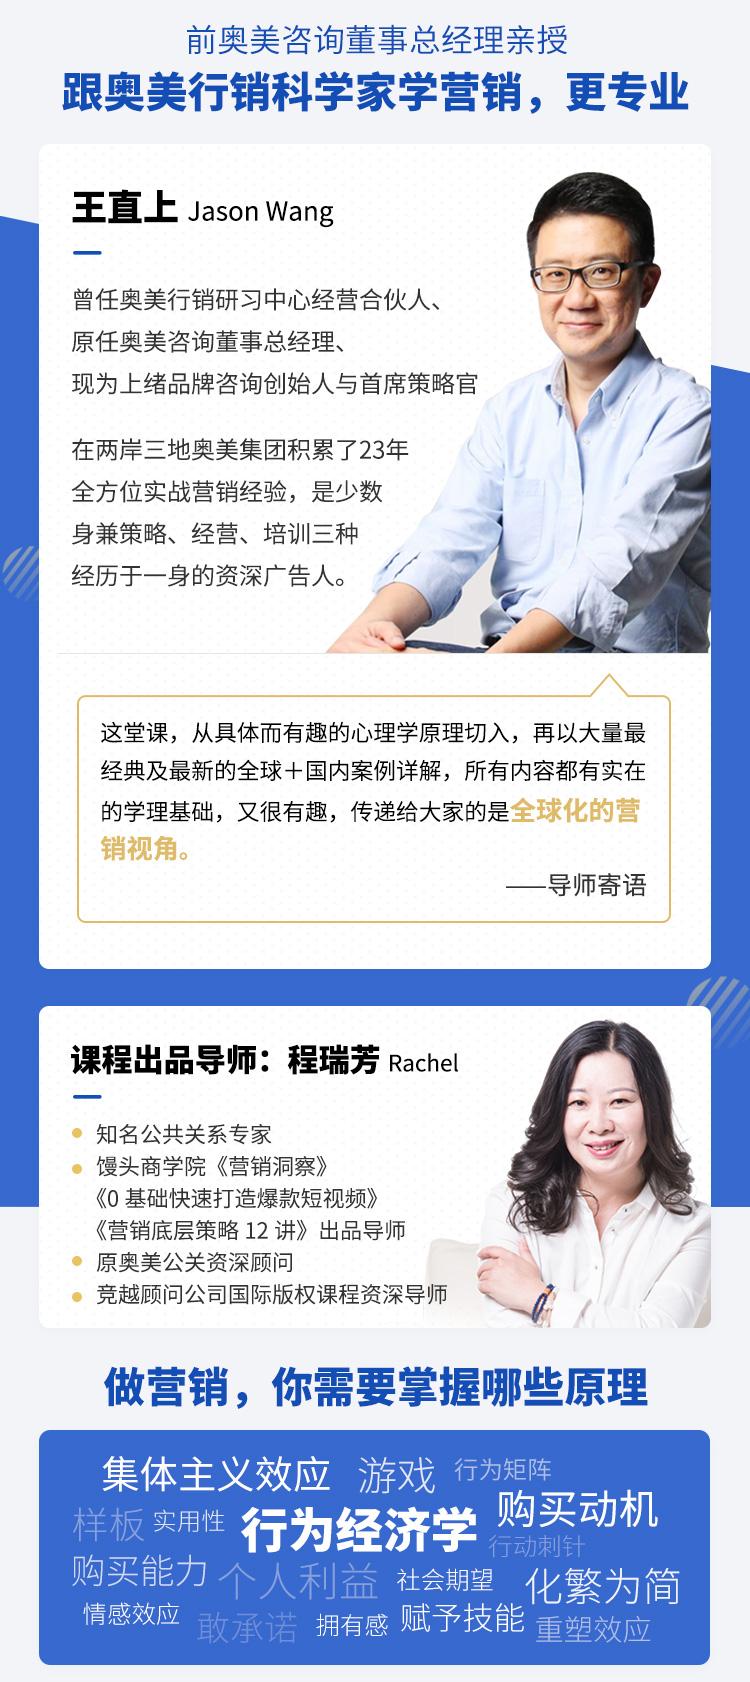 http://mtedu-img.oss-cn-beijing-internal.aliyuncs.com/ueditor/20190604120342_102112.jpg